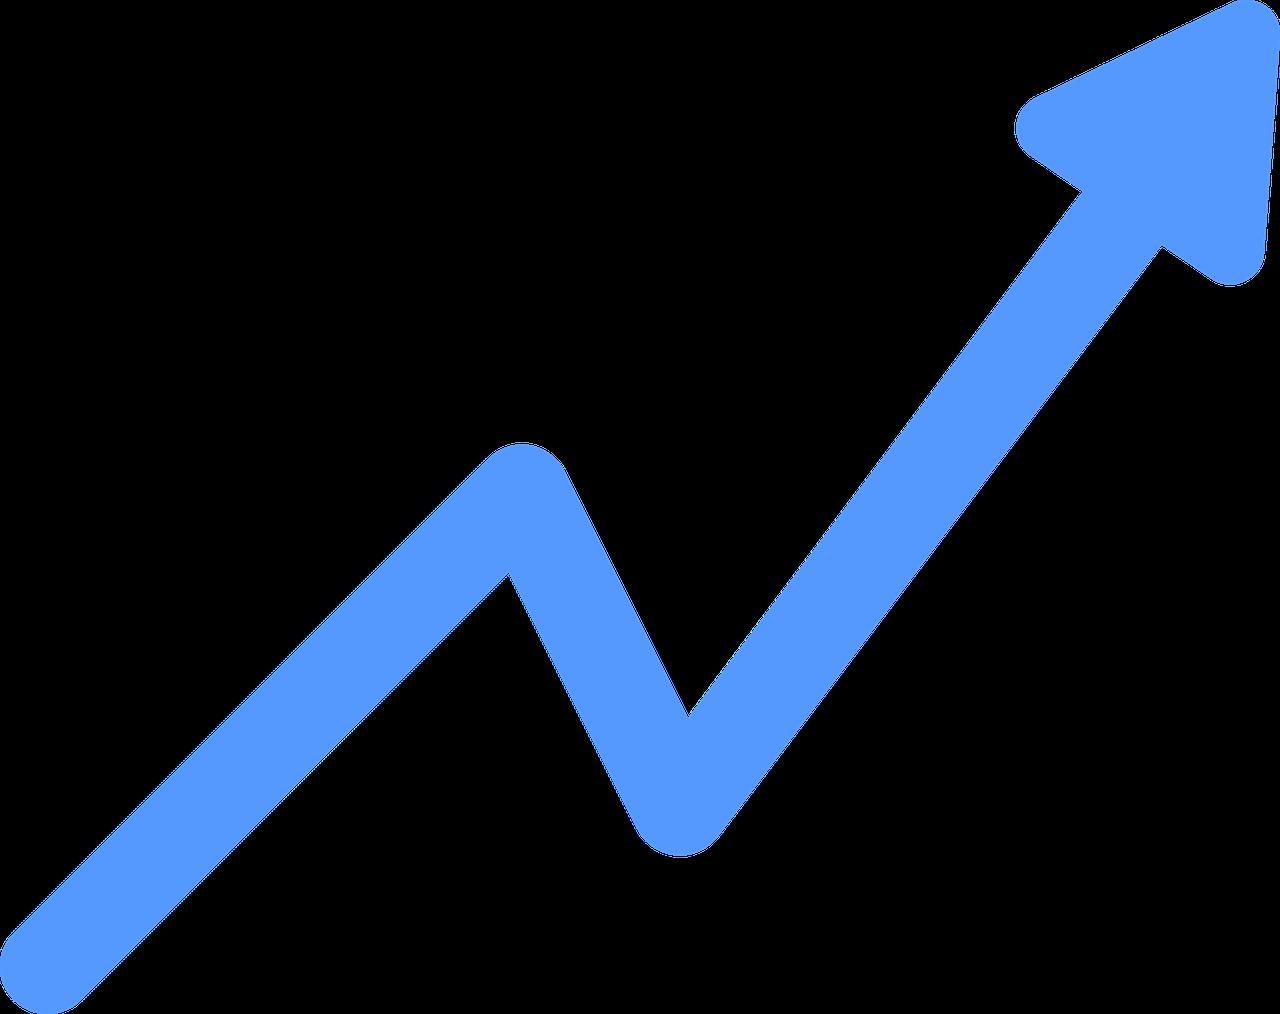 Growth chart arrow